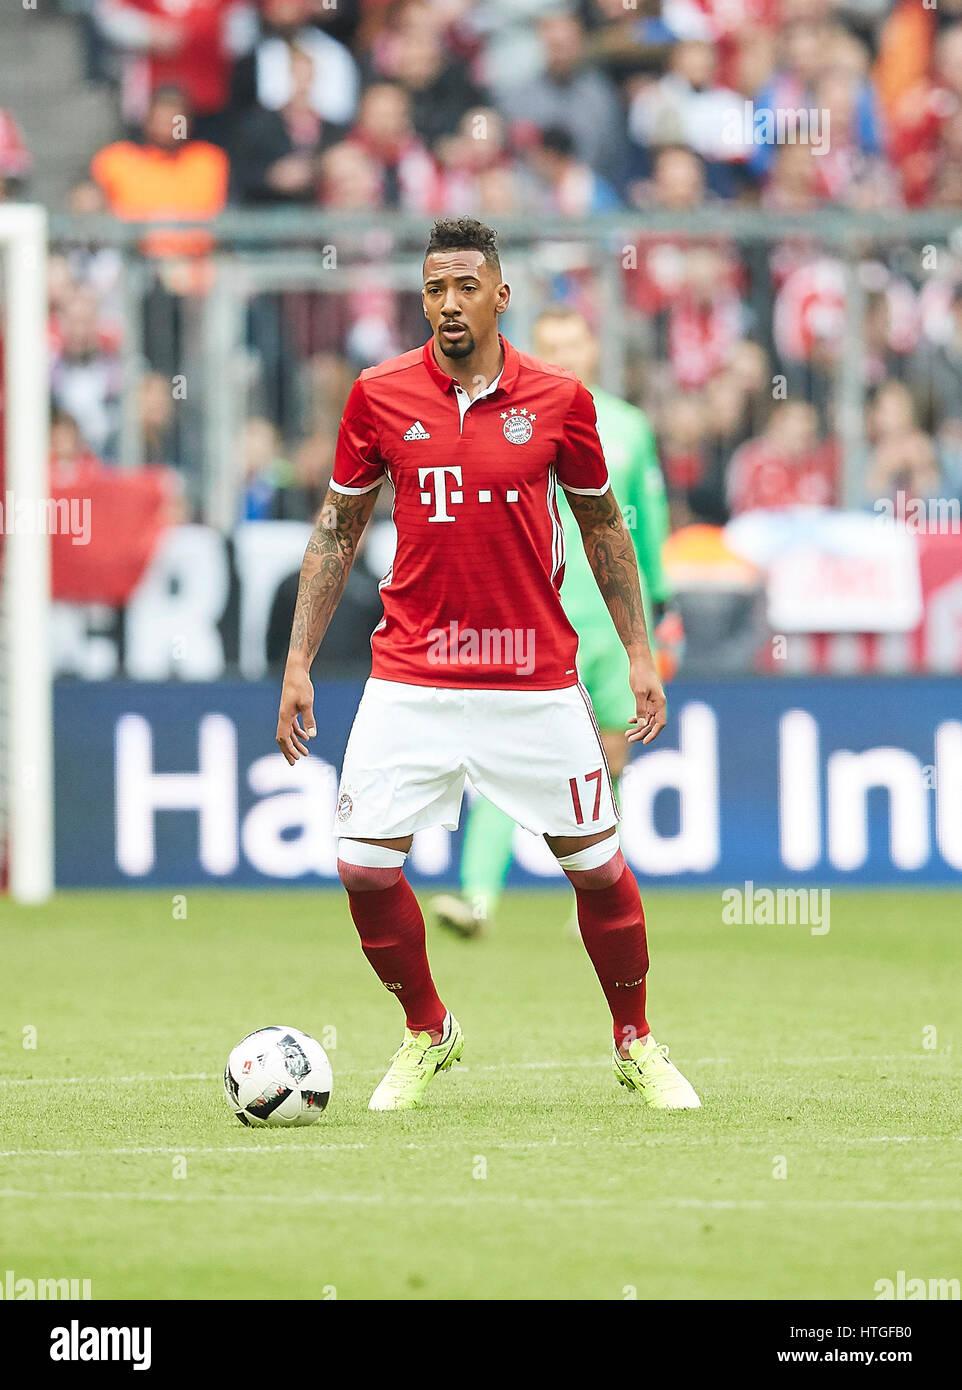 Munich Germany 11th Mar 2017 Jerome BOATENG FCB 17 drives